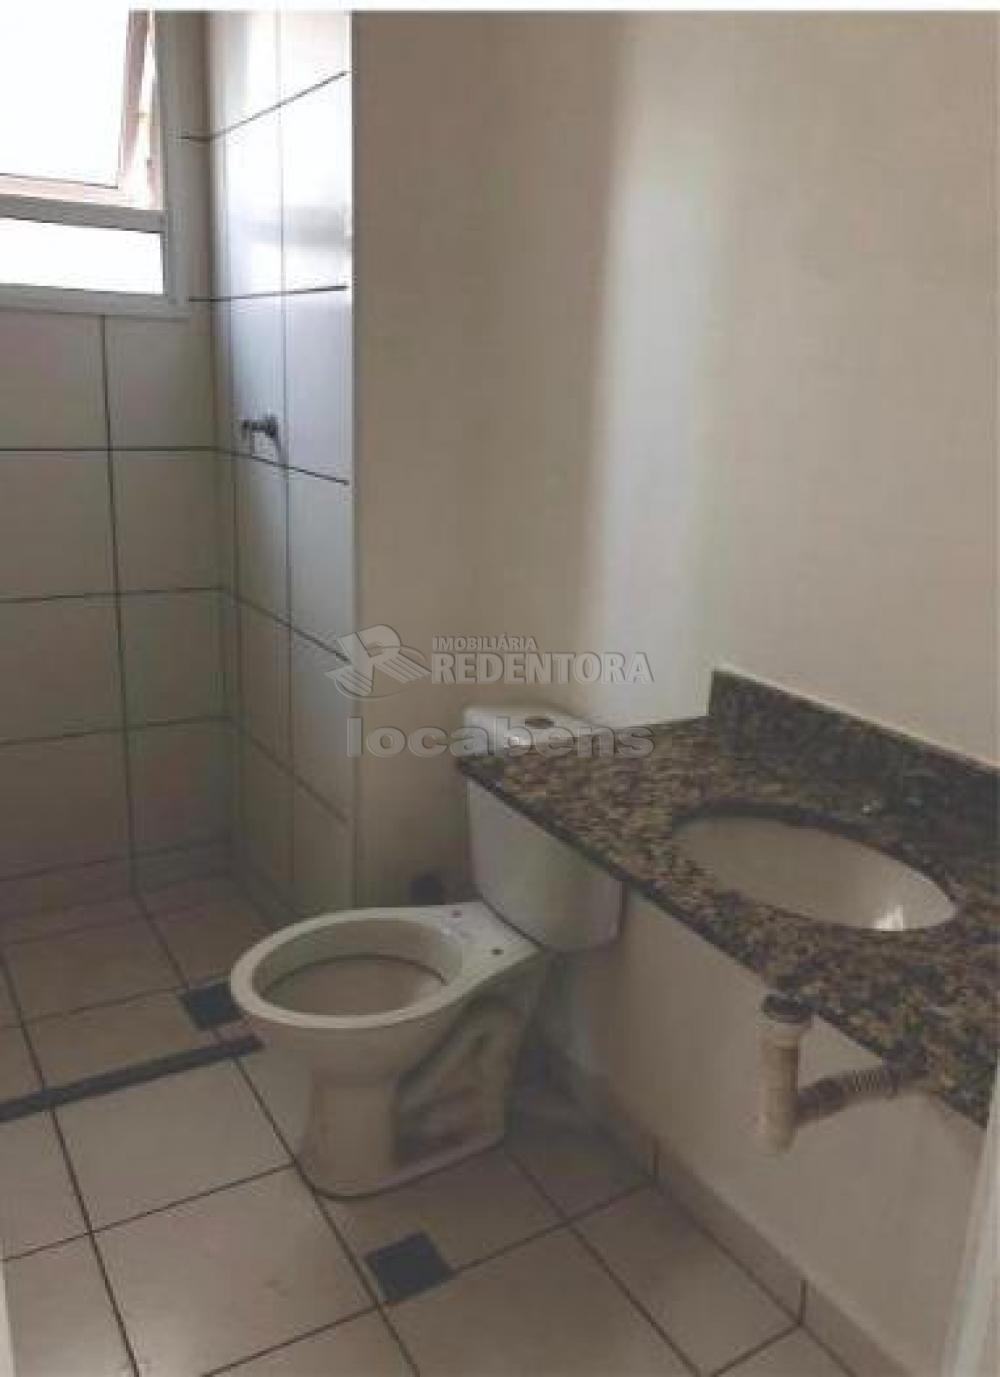 Comprar Apartamento / Padrão em São José do Rio Preto apenas R$ 260.000,00 - Foto 15